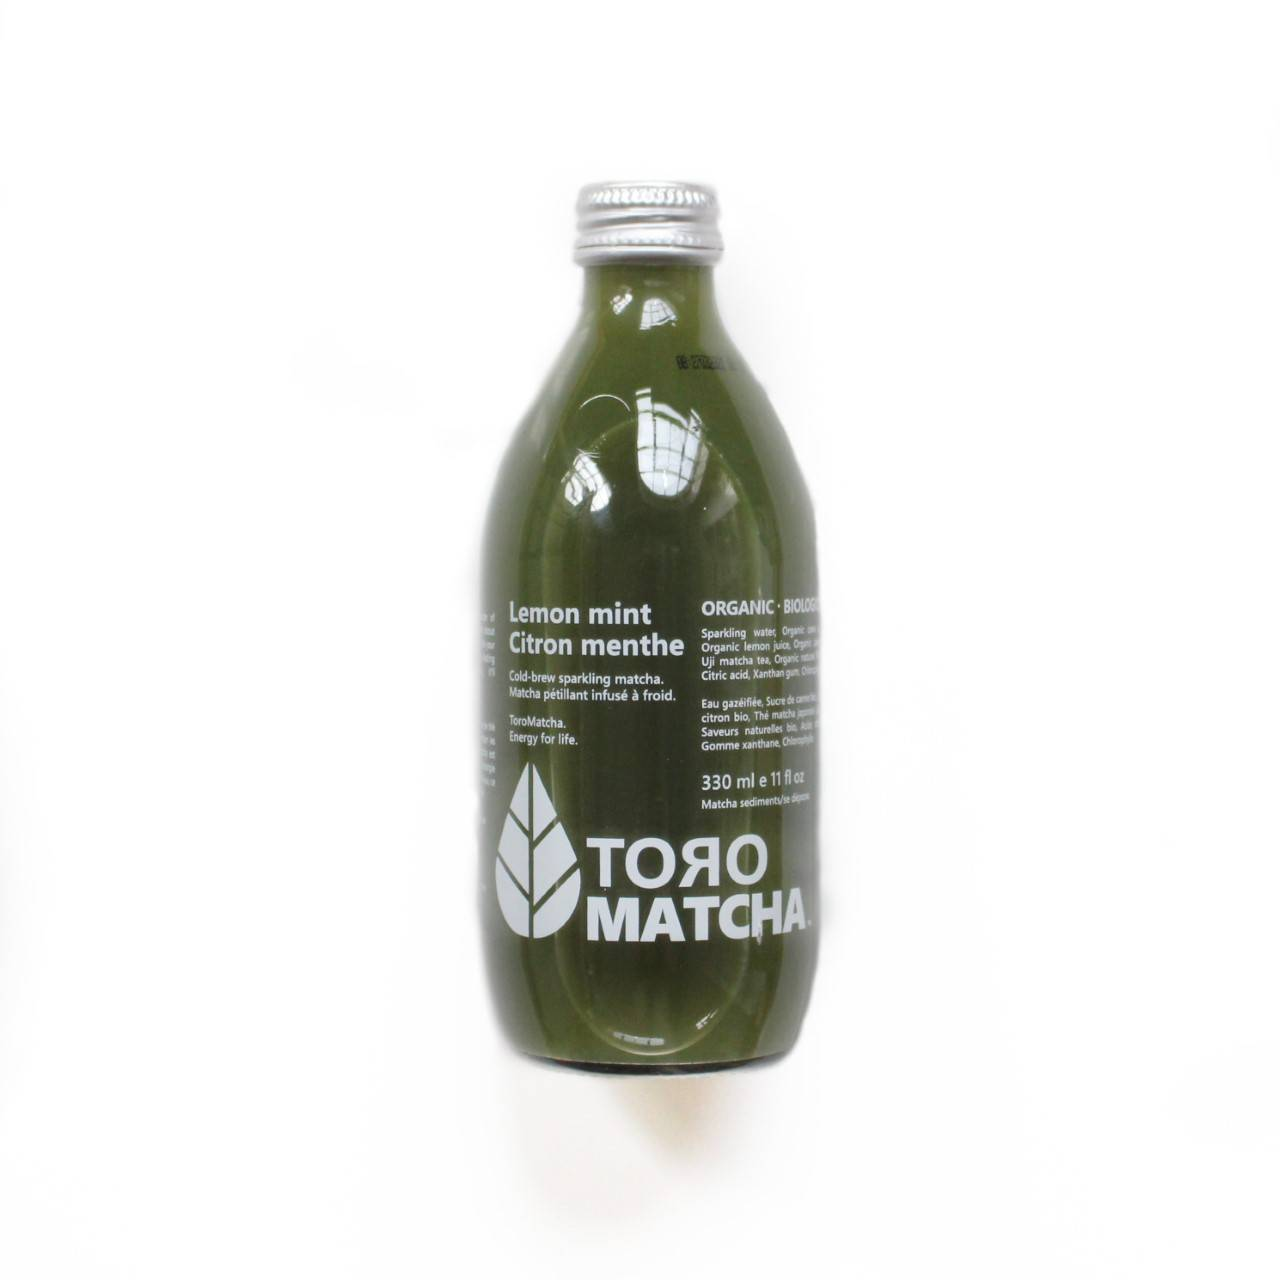 toro matcha citron menthe bio pétillant